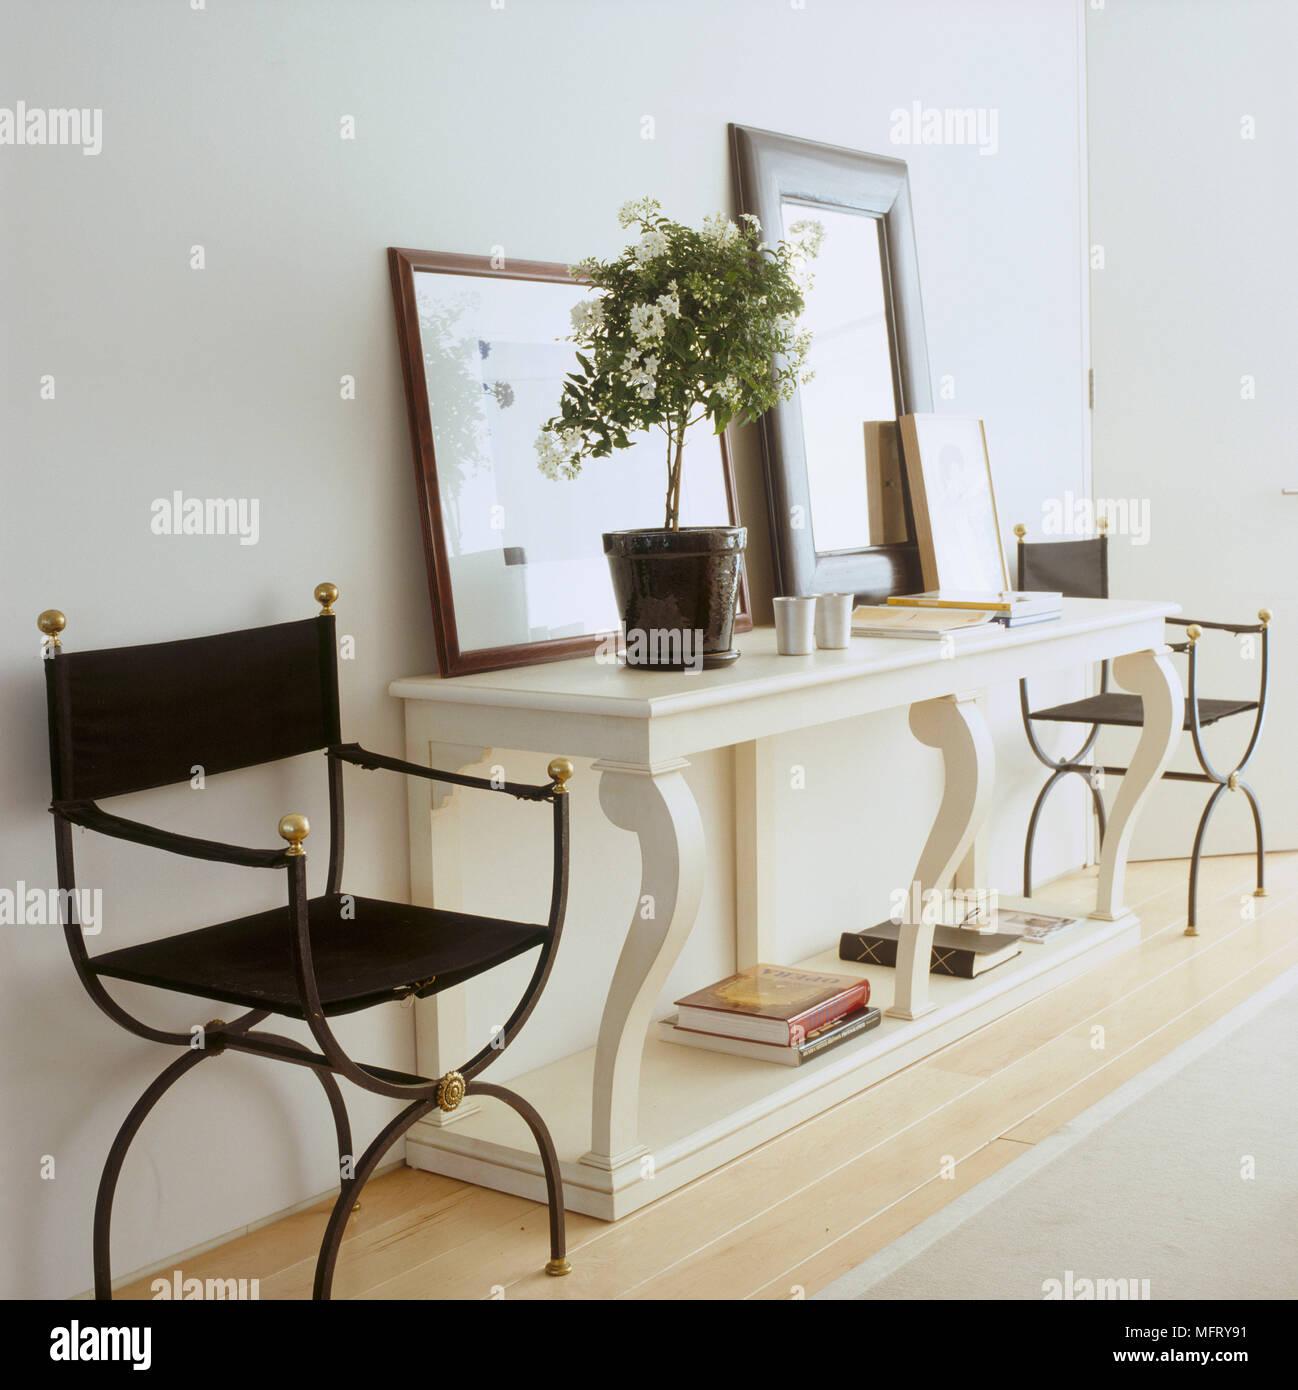 Sedie In Ferro Battuto Bianche.Un Dettaglio Di Un Tradizionale Salotto In Legno Bianco Tavolino